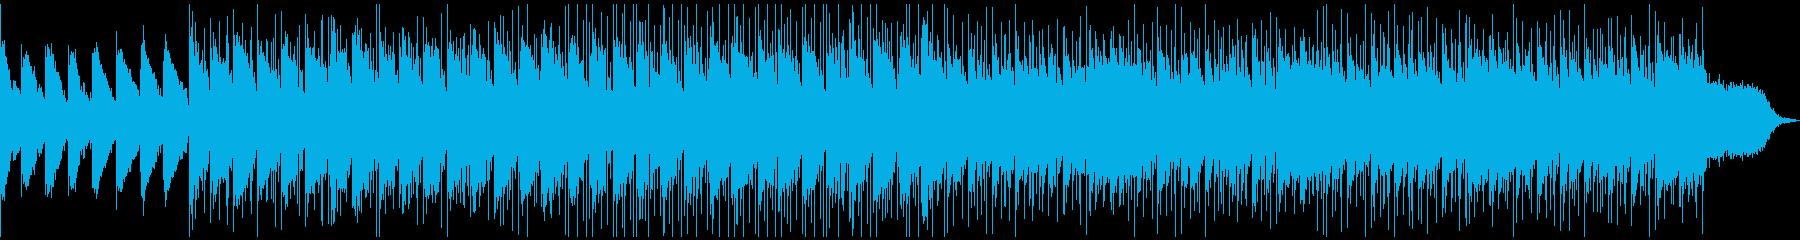 クールなドラムンベース風の再生済みの波形